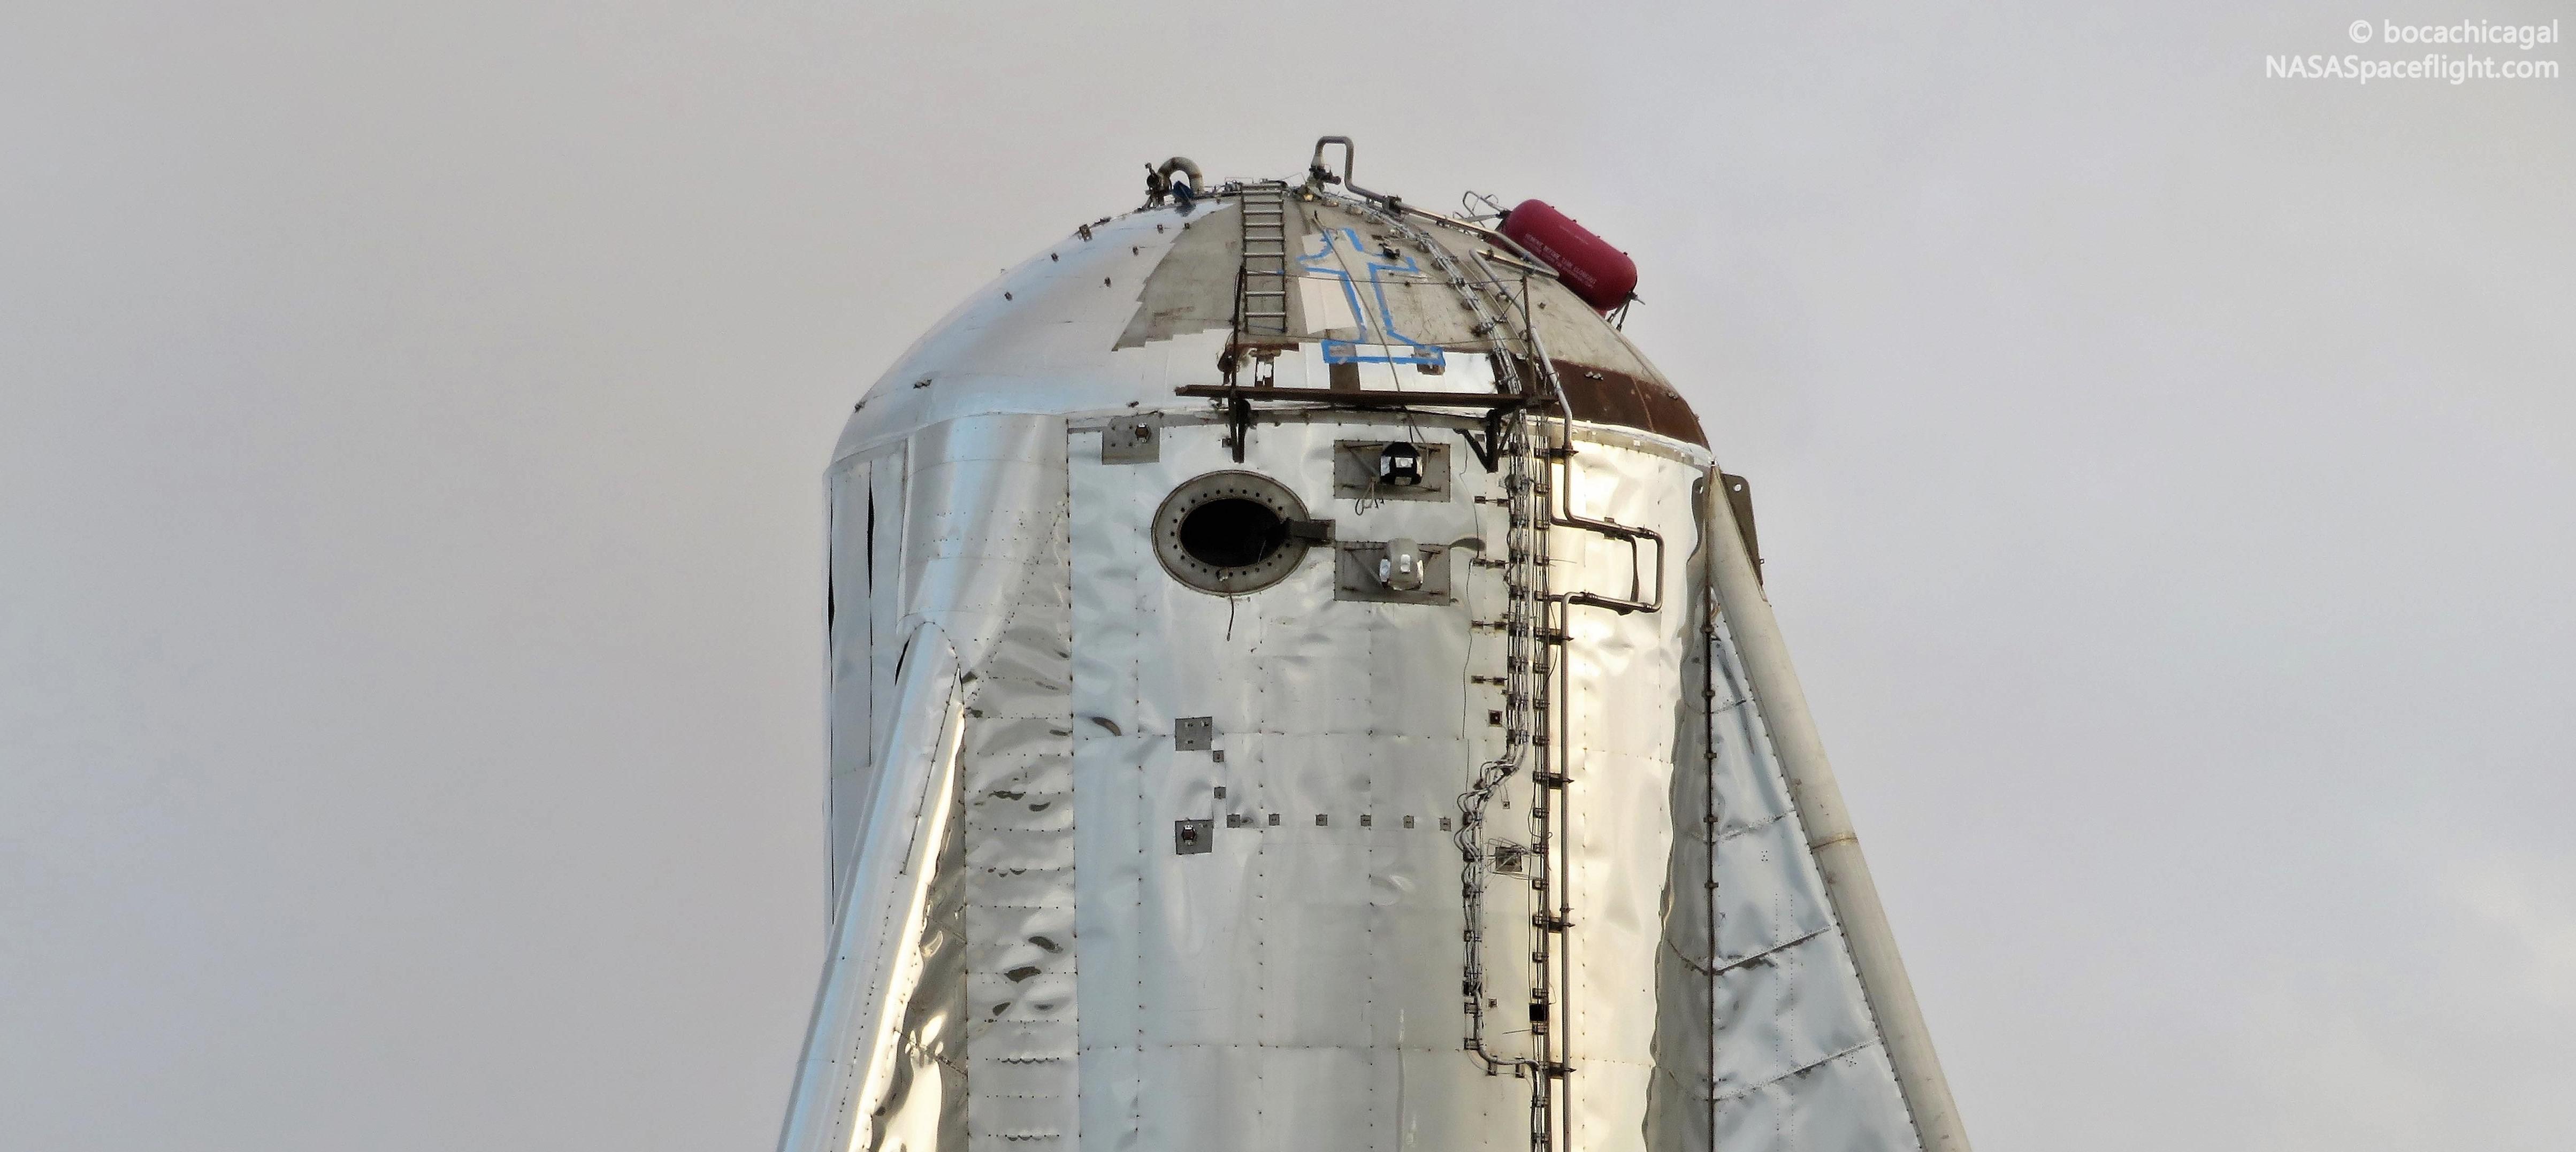 Boca Chica Starhopper ACS install 050719 (NASASpaceflight – bocachicagal) 6 crop